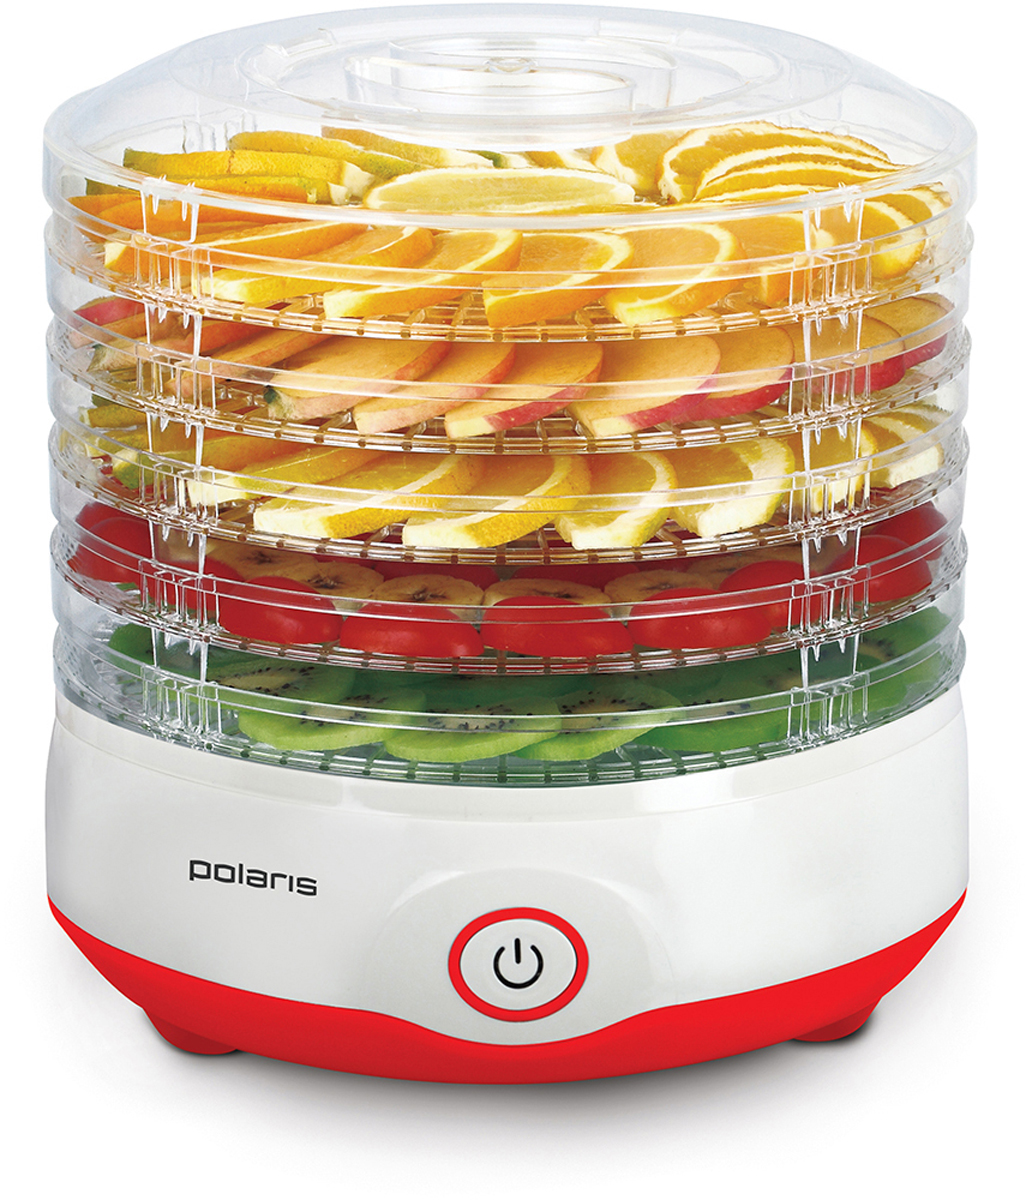 Polaris PFD 2105D сушилка для овощей и фруктов - Техника для хранения, консервации и заготовок